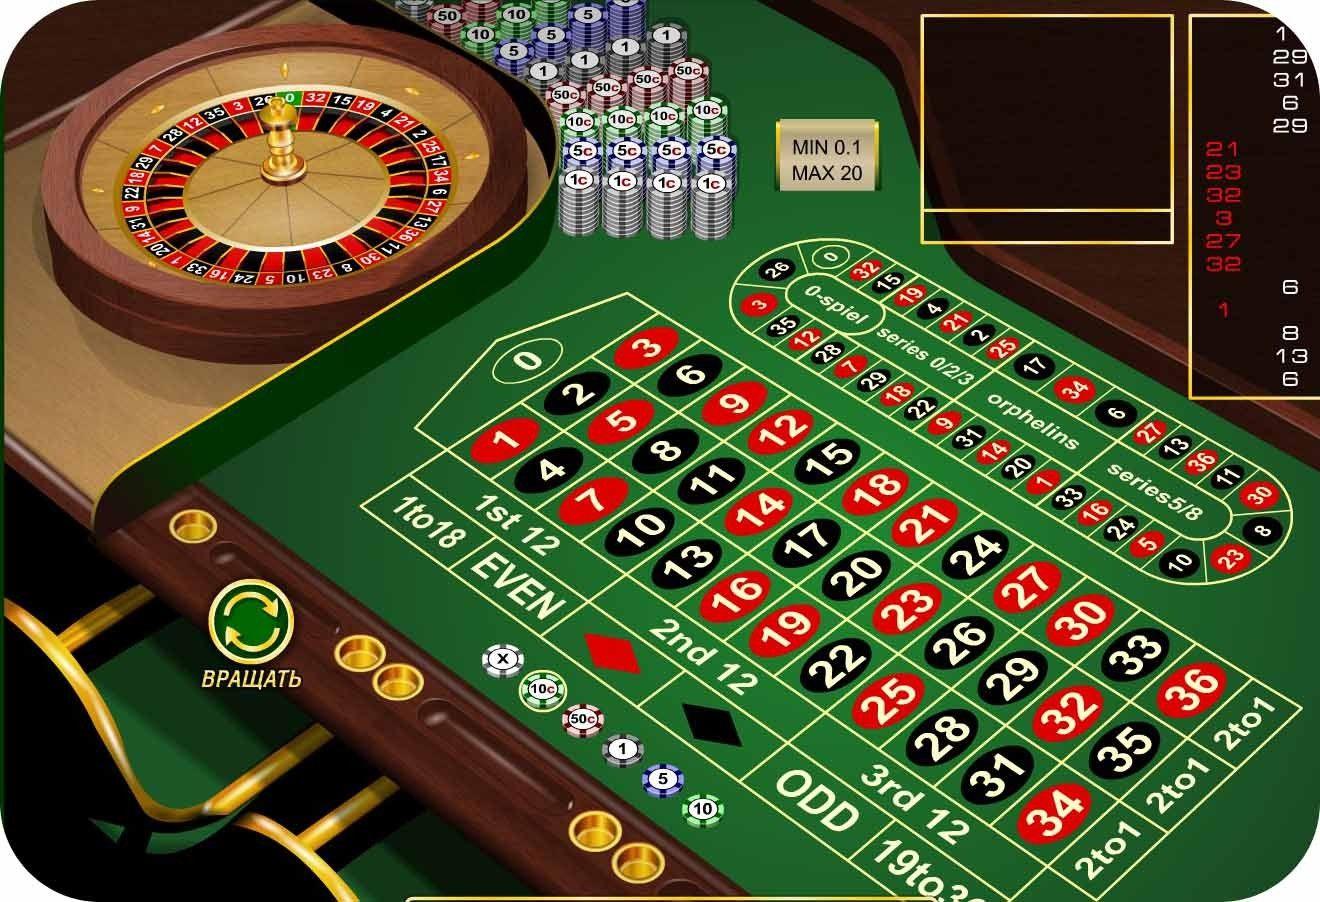 Играть бесплатно автоматы рулетка игровые аппараты играть без регистрации бесплатно